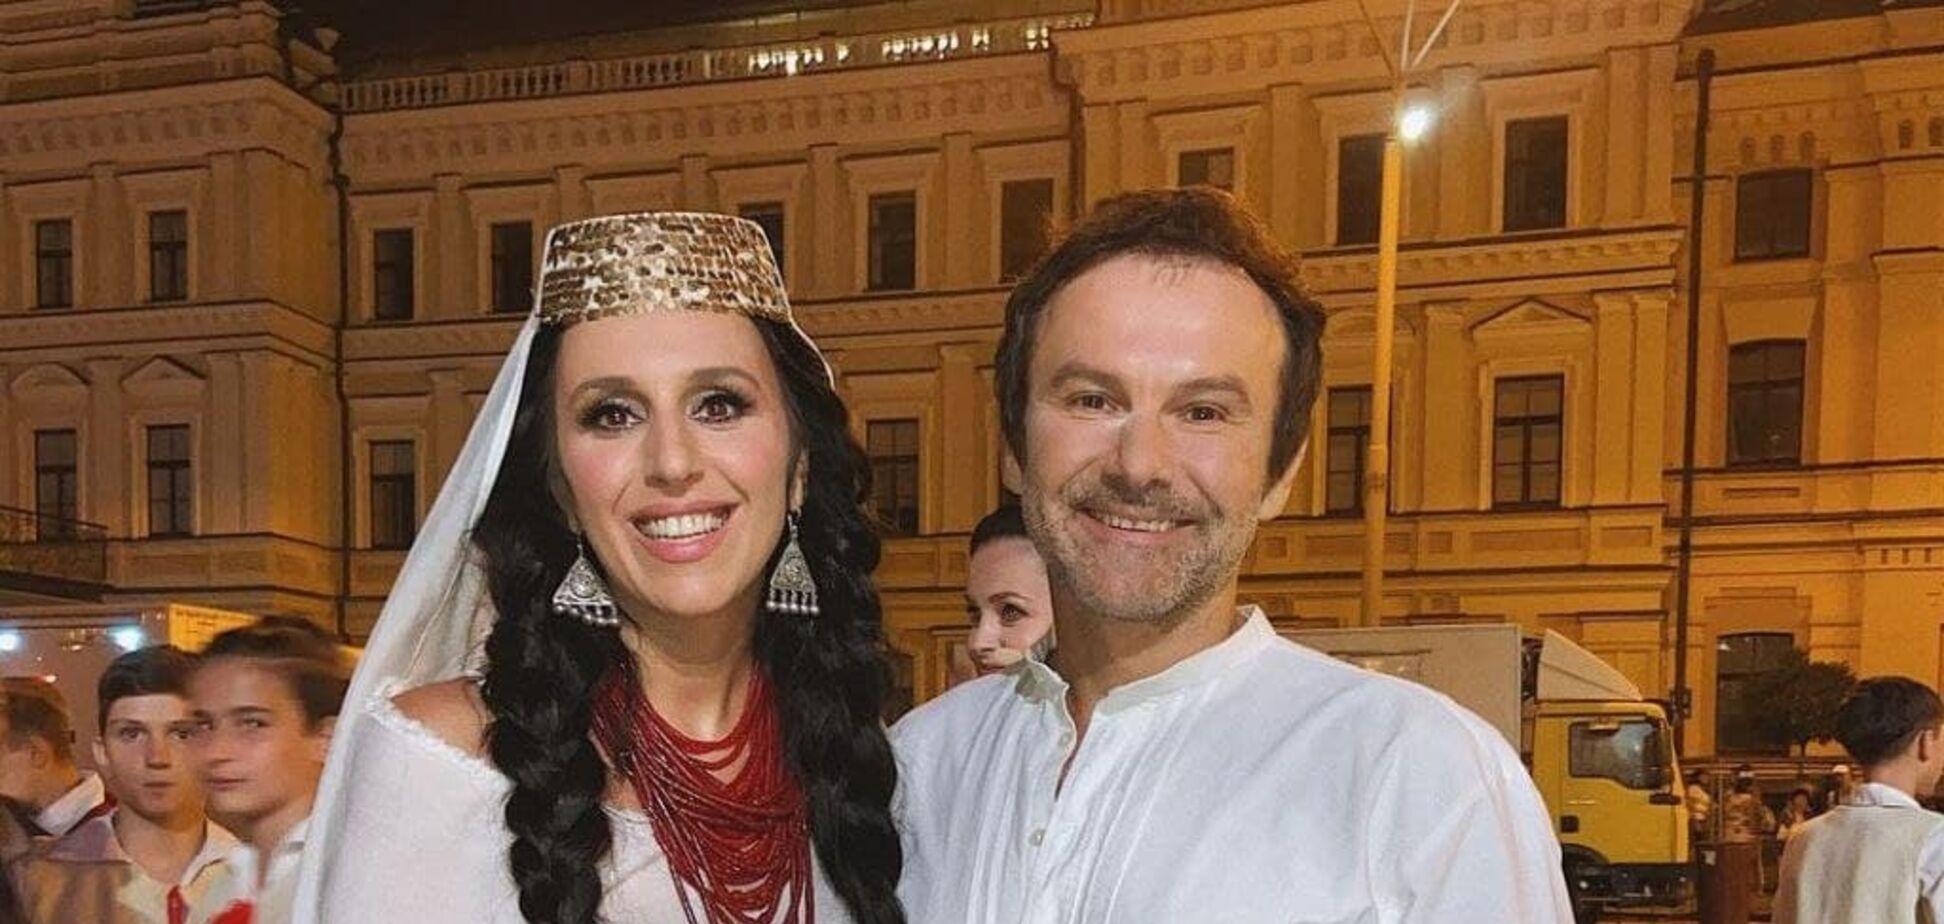 Джамала, Вакарчук, Ротару: украинские звезды дали концерт в честь Дня Независимости Украины